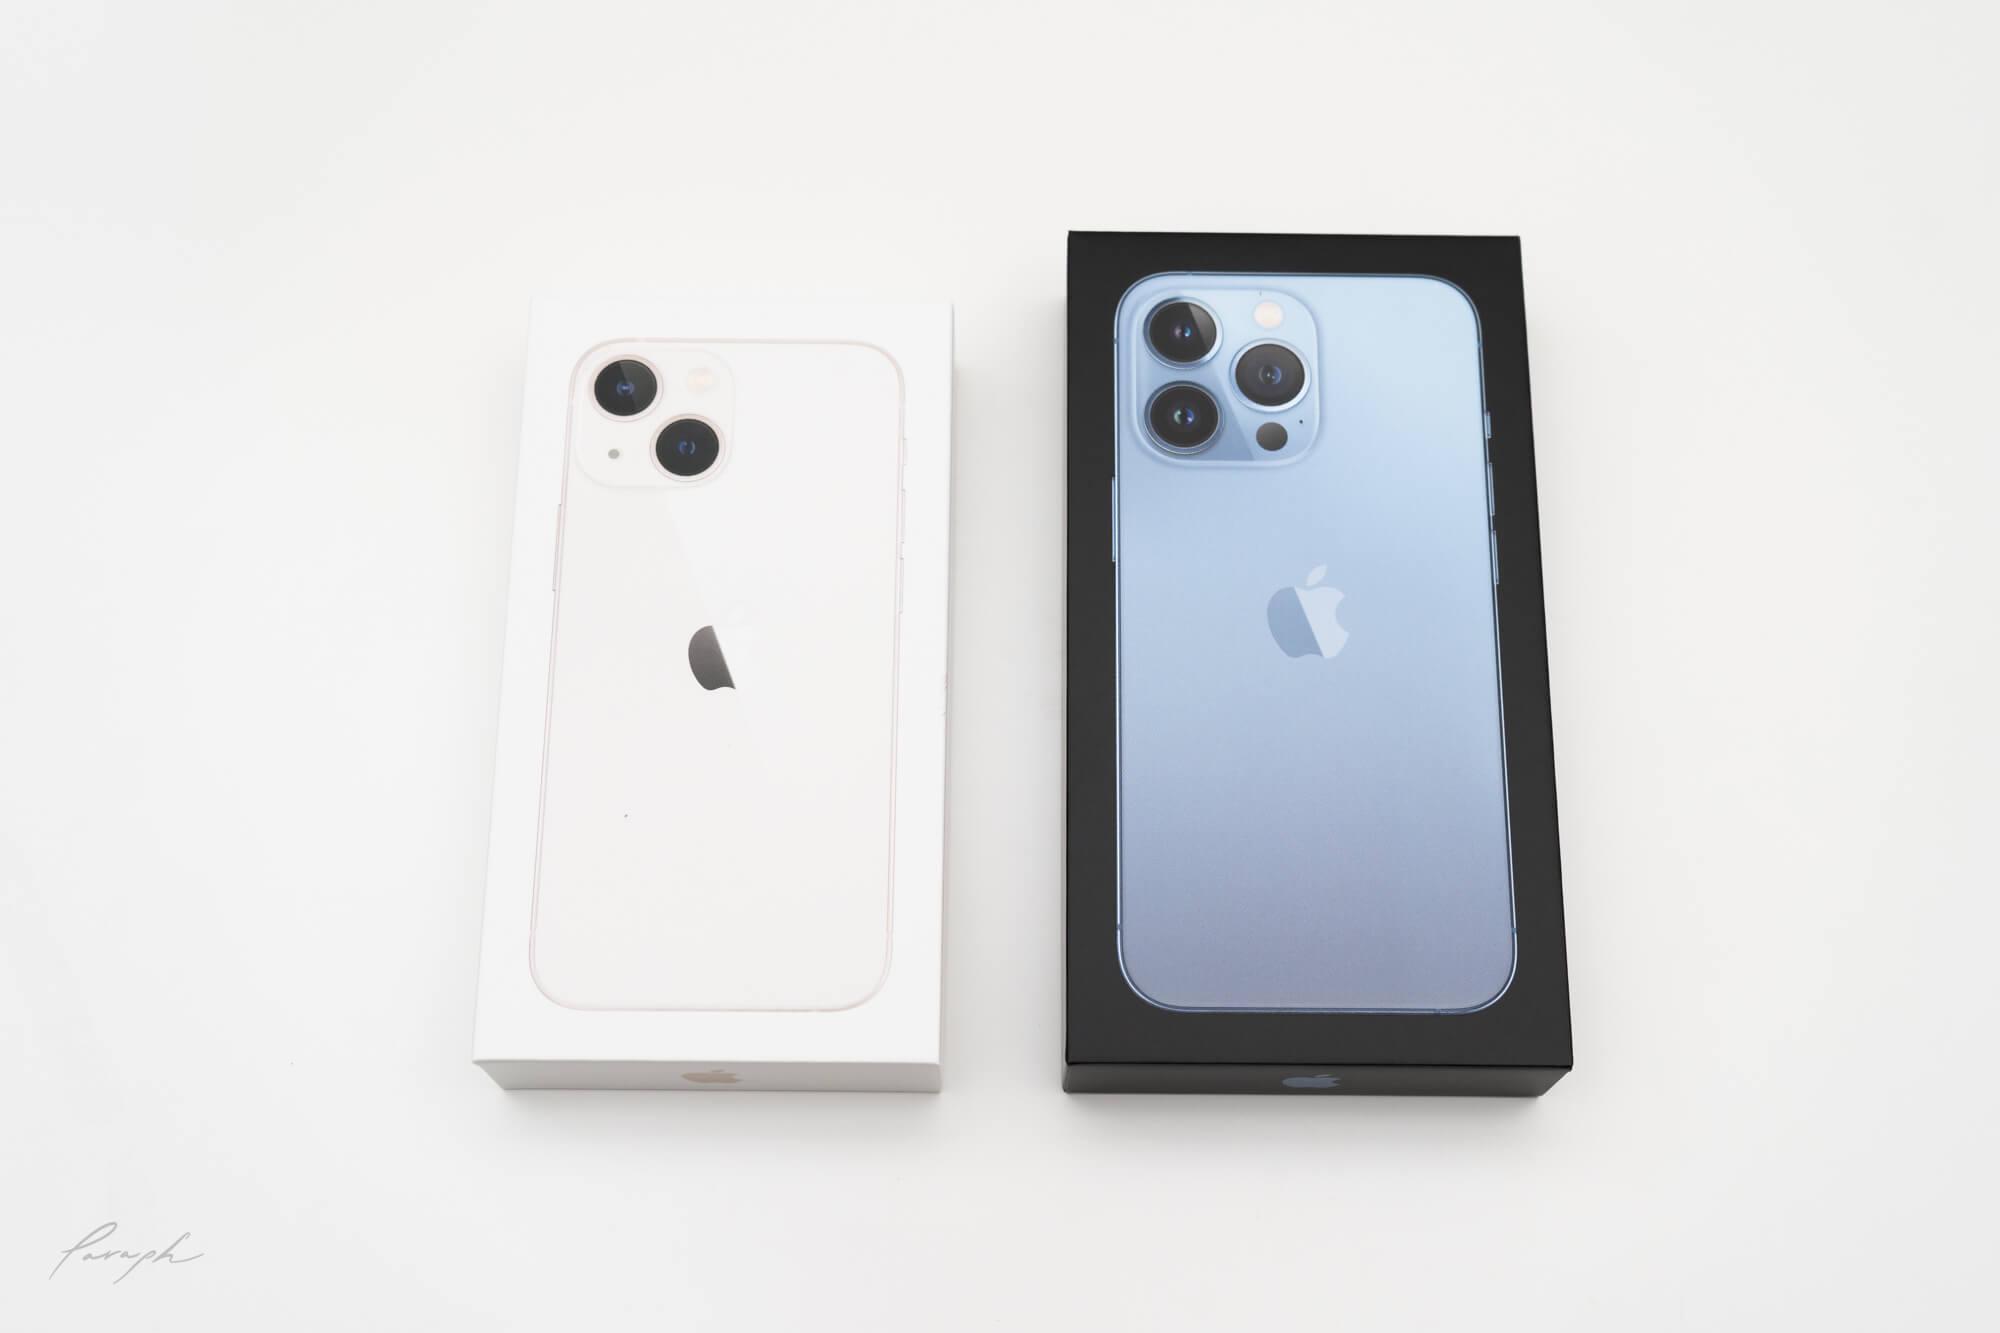 左:iPhone 13 mini 右:iPhone 13 Pro